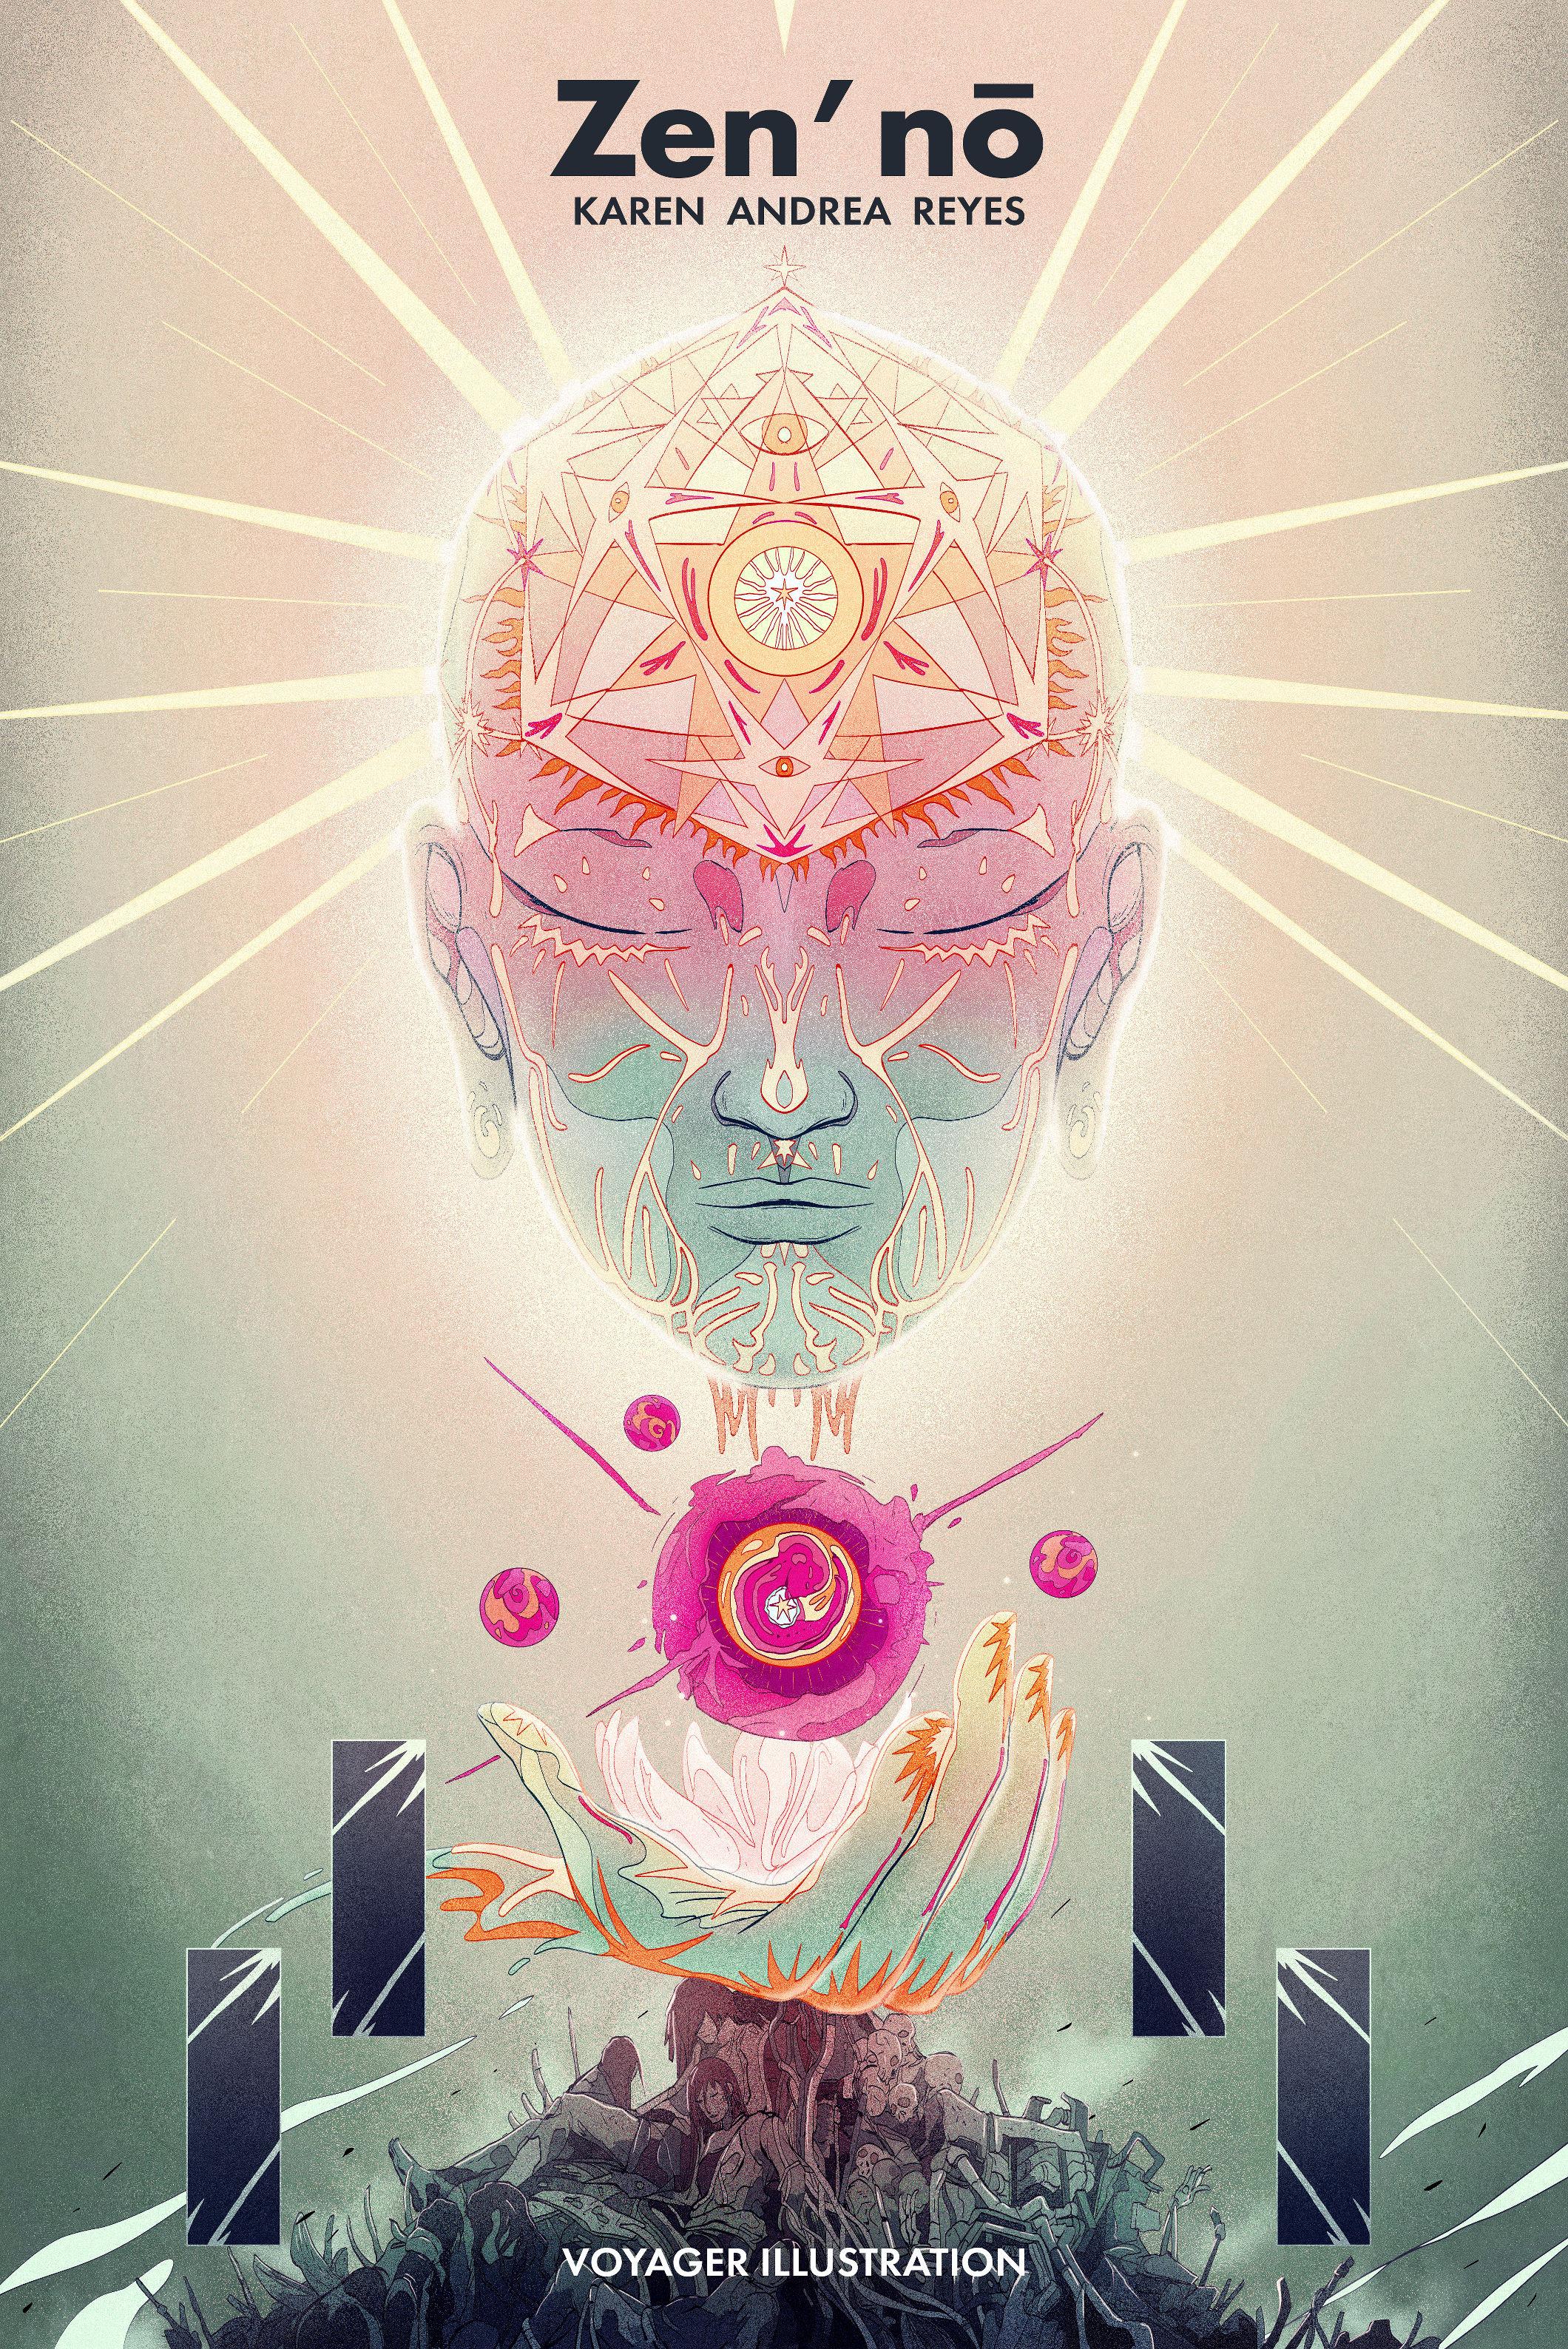 """""""Y cuentan que hubo un tiempo en el cual no existía el universo: las dimensiones ,los seres o cualquier expresión de realidad se encontraban ausentes.  La mente era un espejo negro infinito y frente a ella solo esperaba uno, el visitante."""" Zen'nō,"""